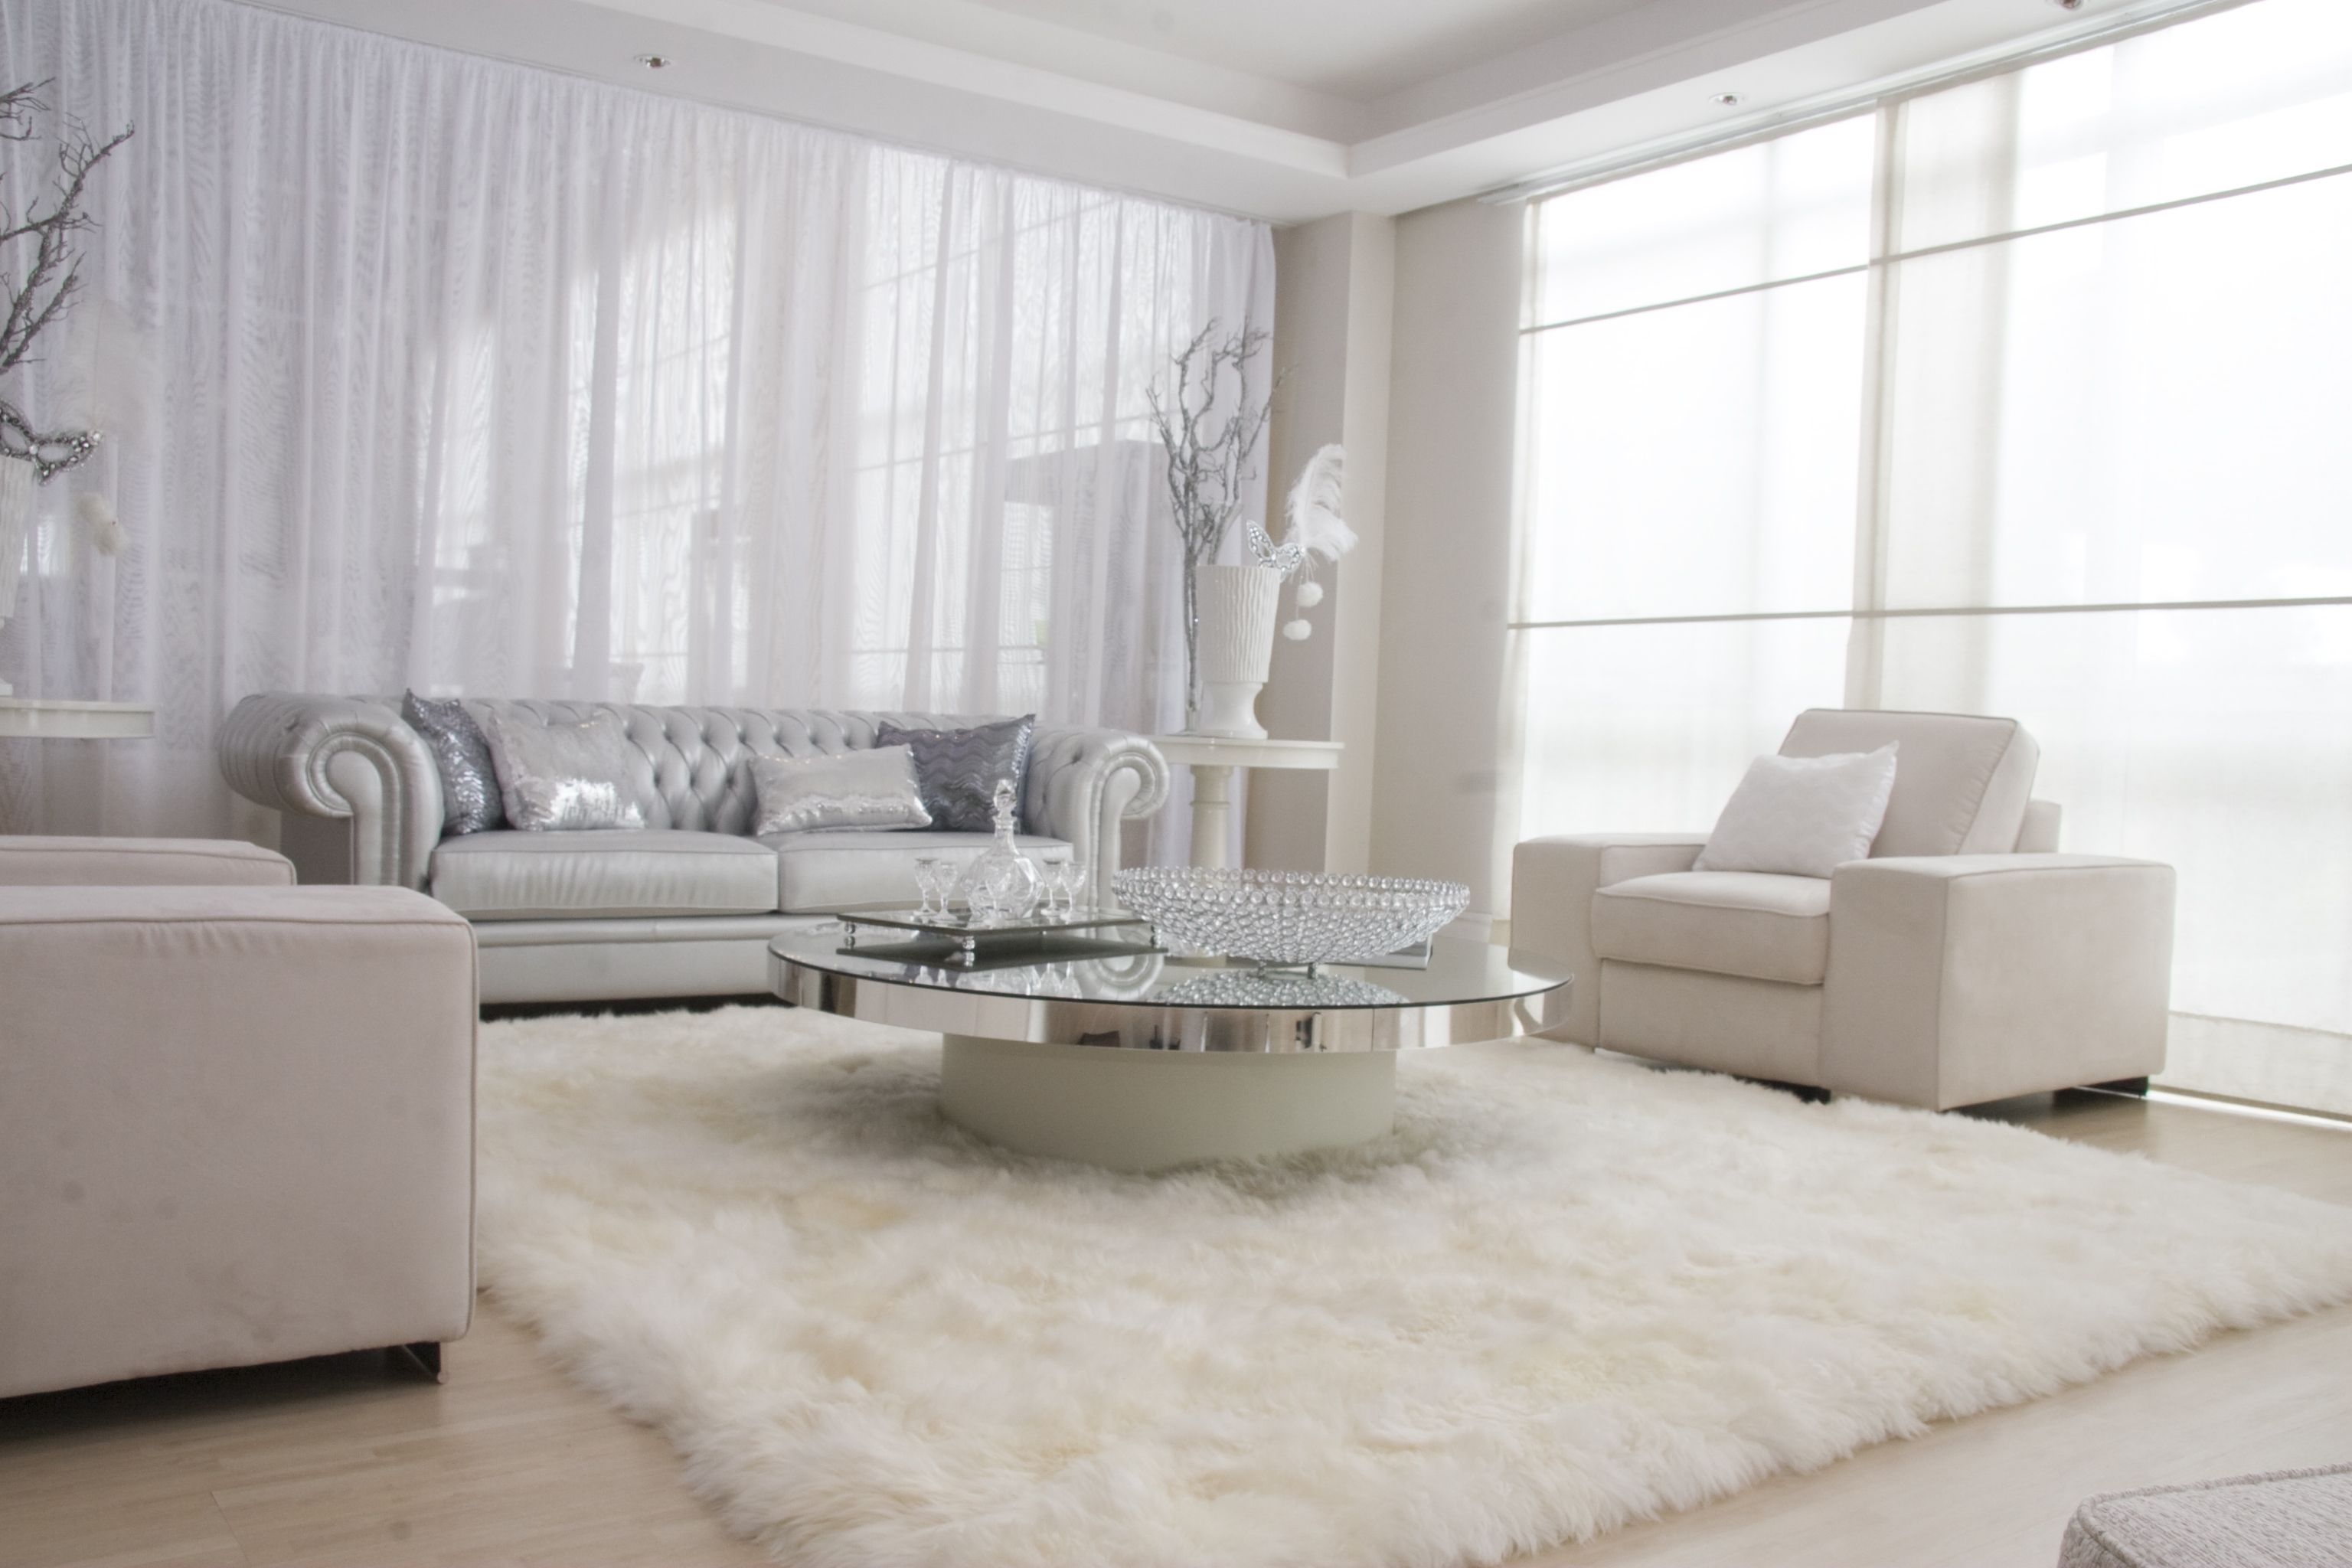 3 xu hướng thiết kế nội thất cho phòng khách không thể bỏ qua trong năm mới